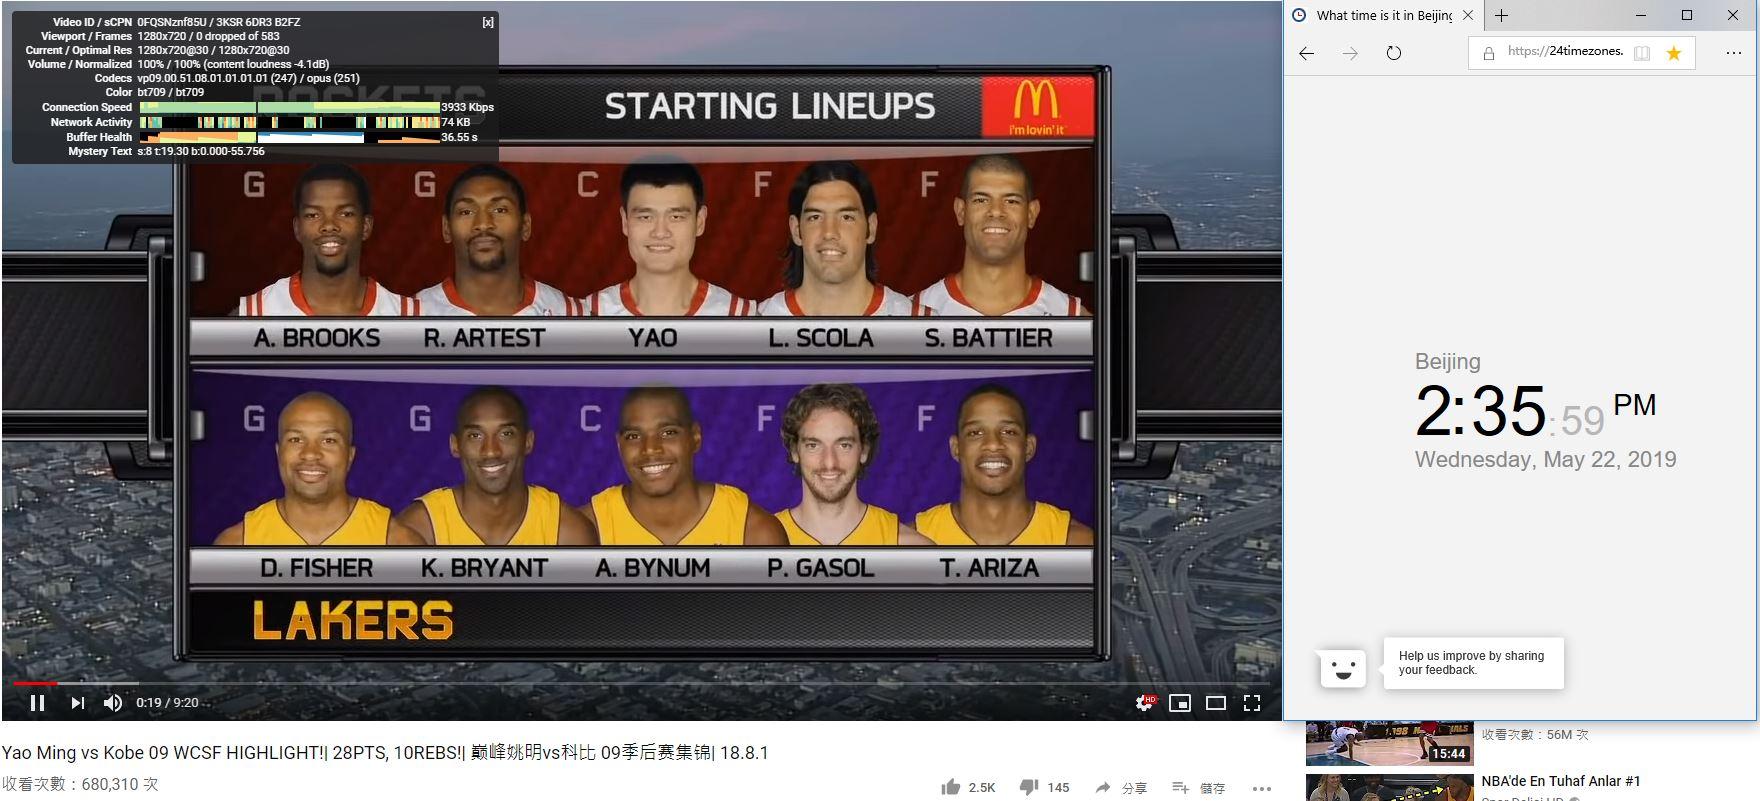 windows-nordvpn-混淆服务器连接-香港79节点-连接成功-YouTube-20190522